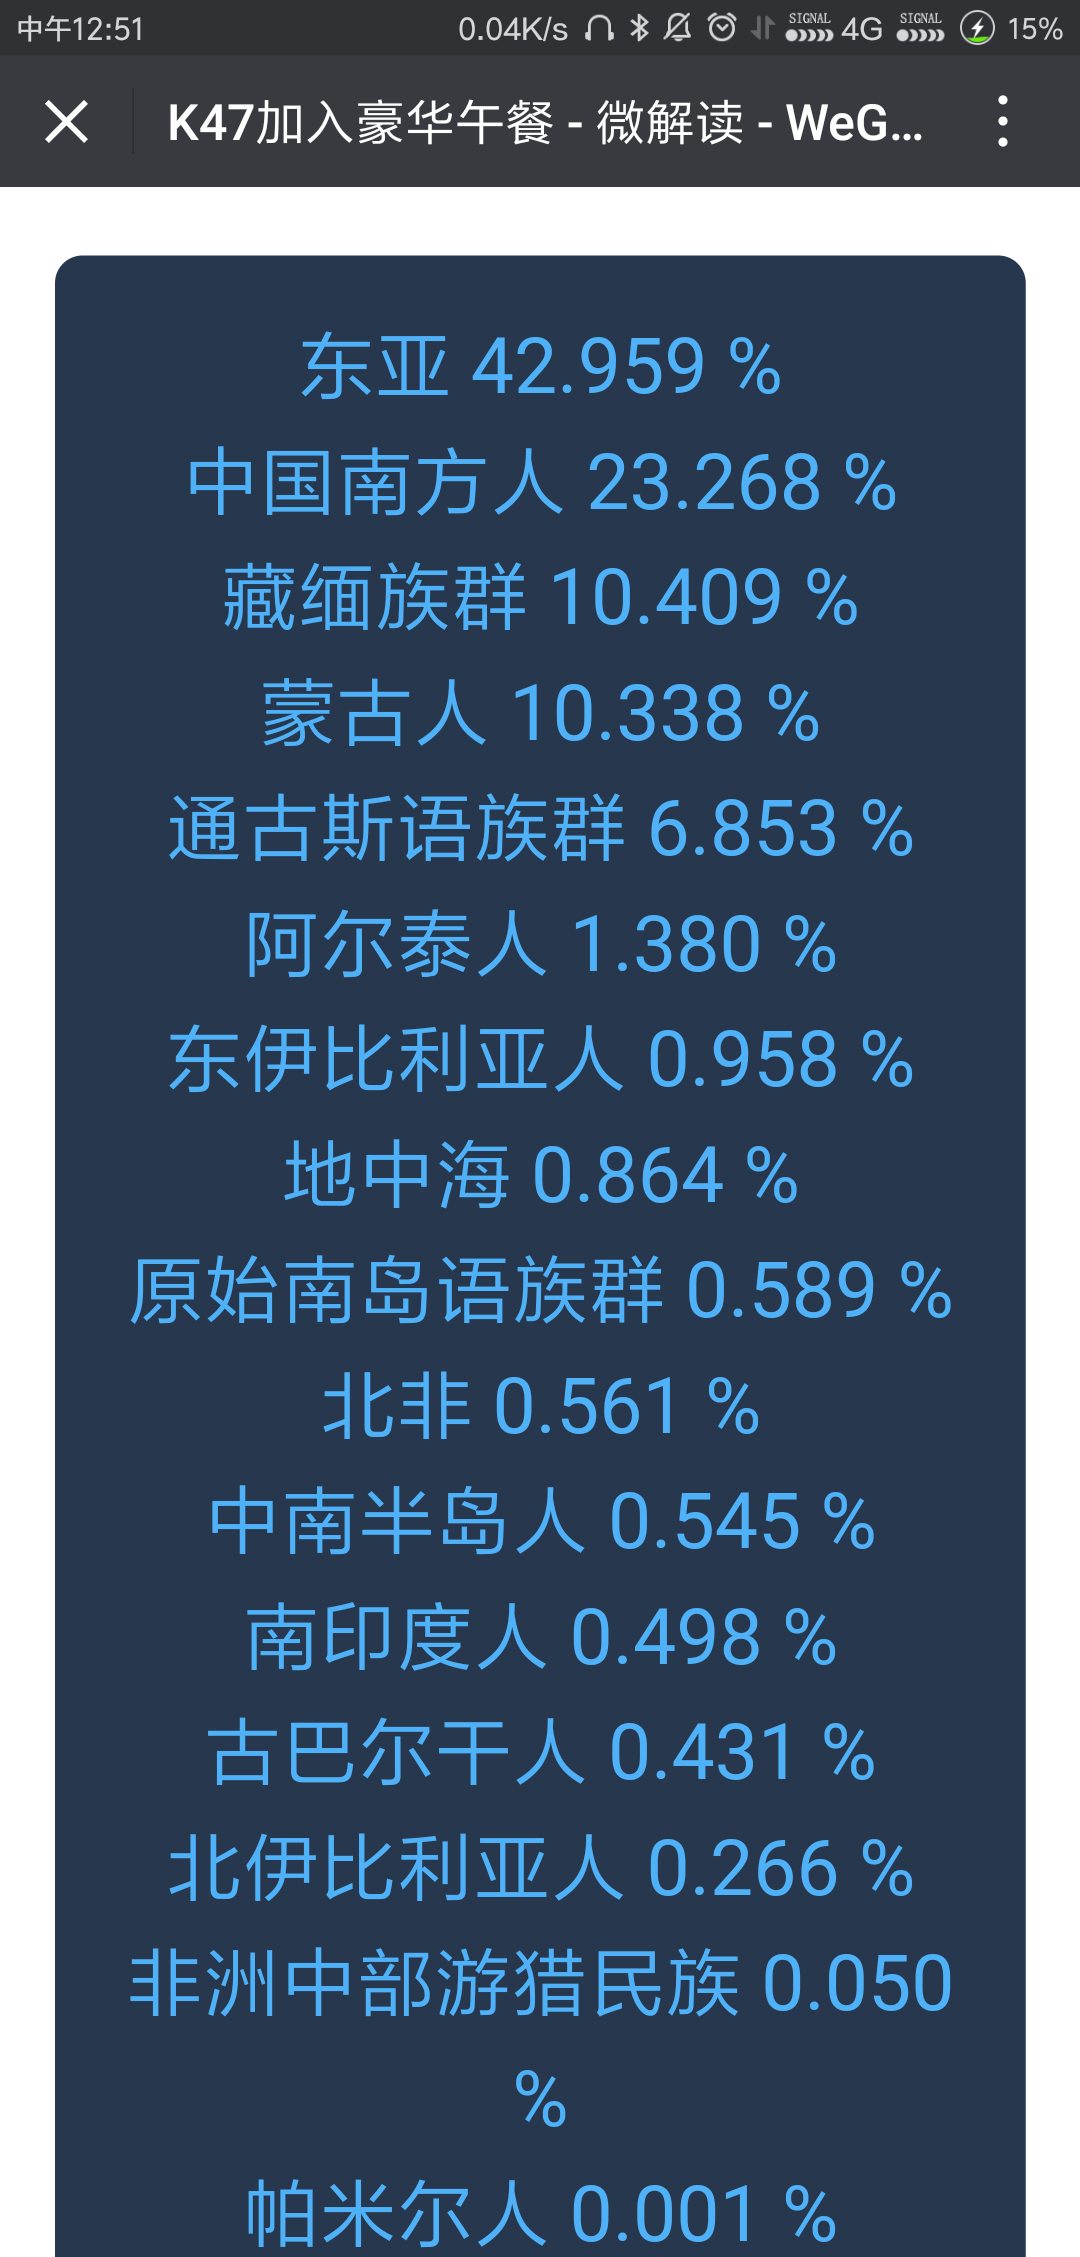 Screenshot_2018-04-13-12-51-32-469_com.tencent_.mm_.png